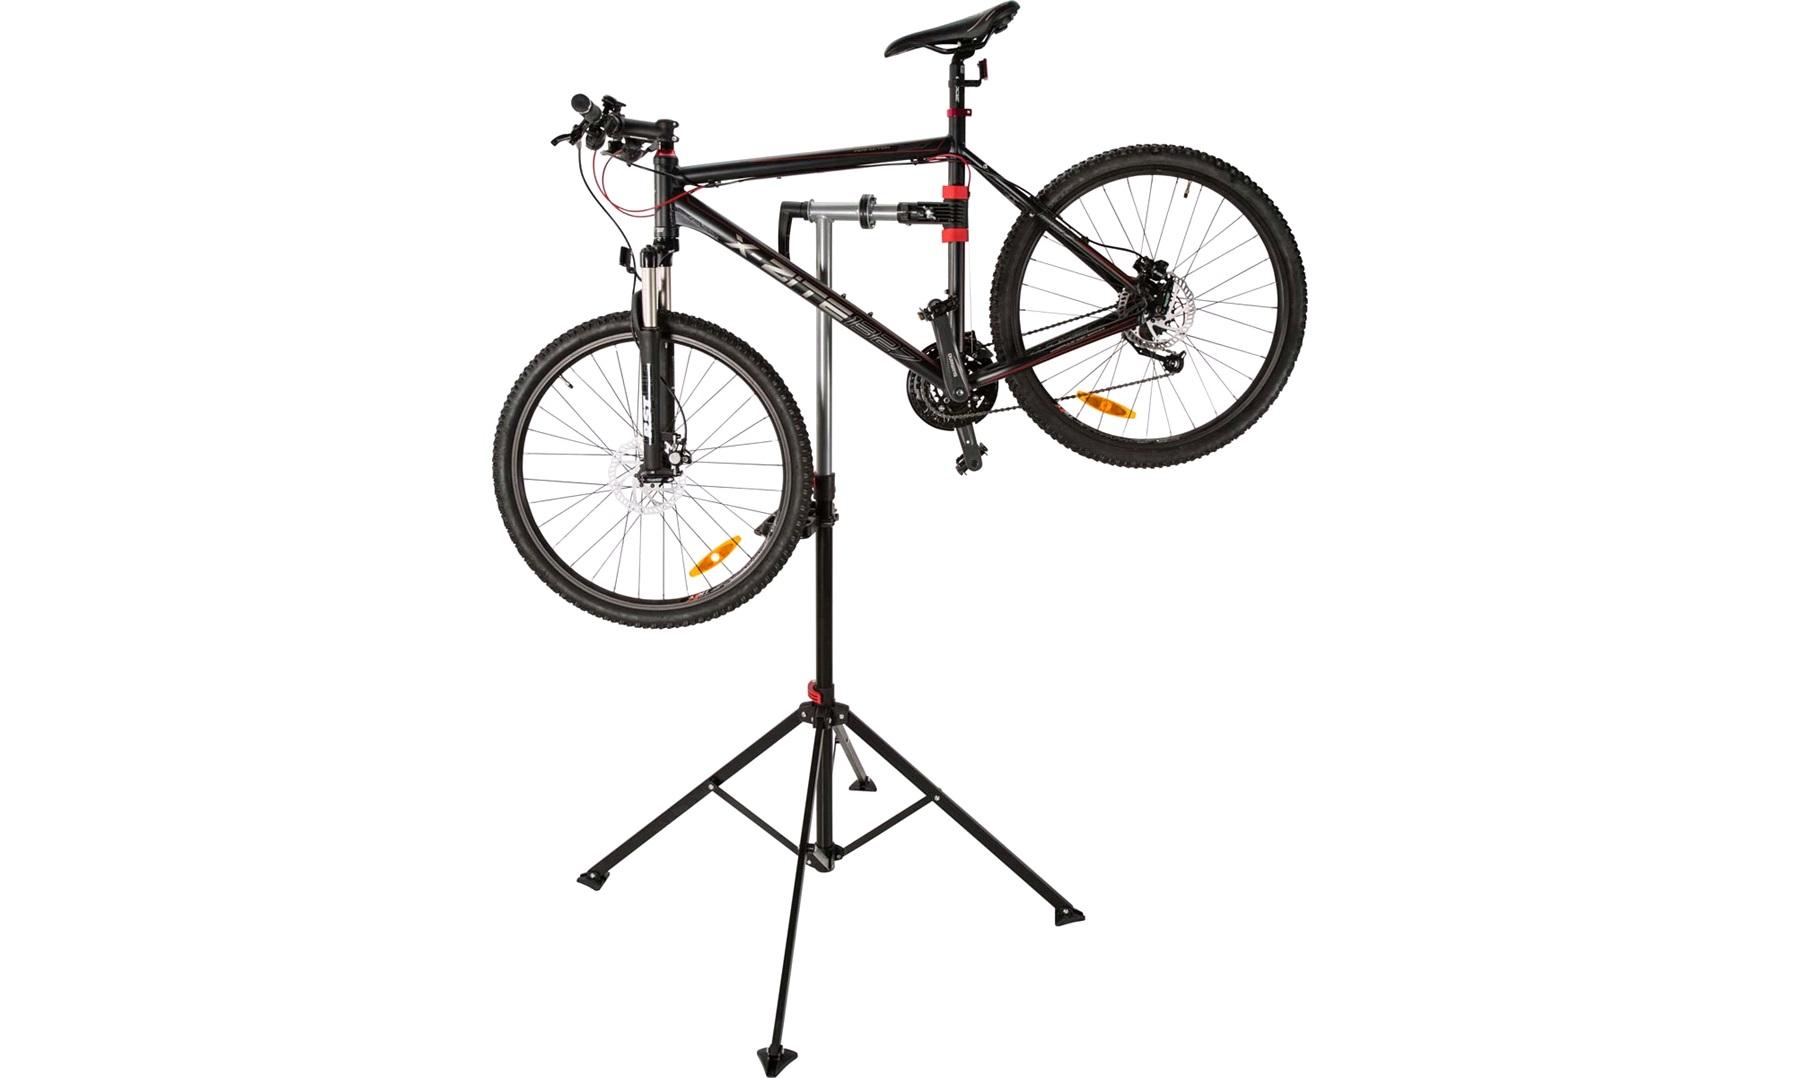 Udestående Cykel arbejdsstander sammenklappelig - Cykelværktøj - thansen.dk AO18